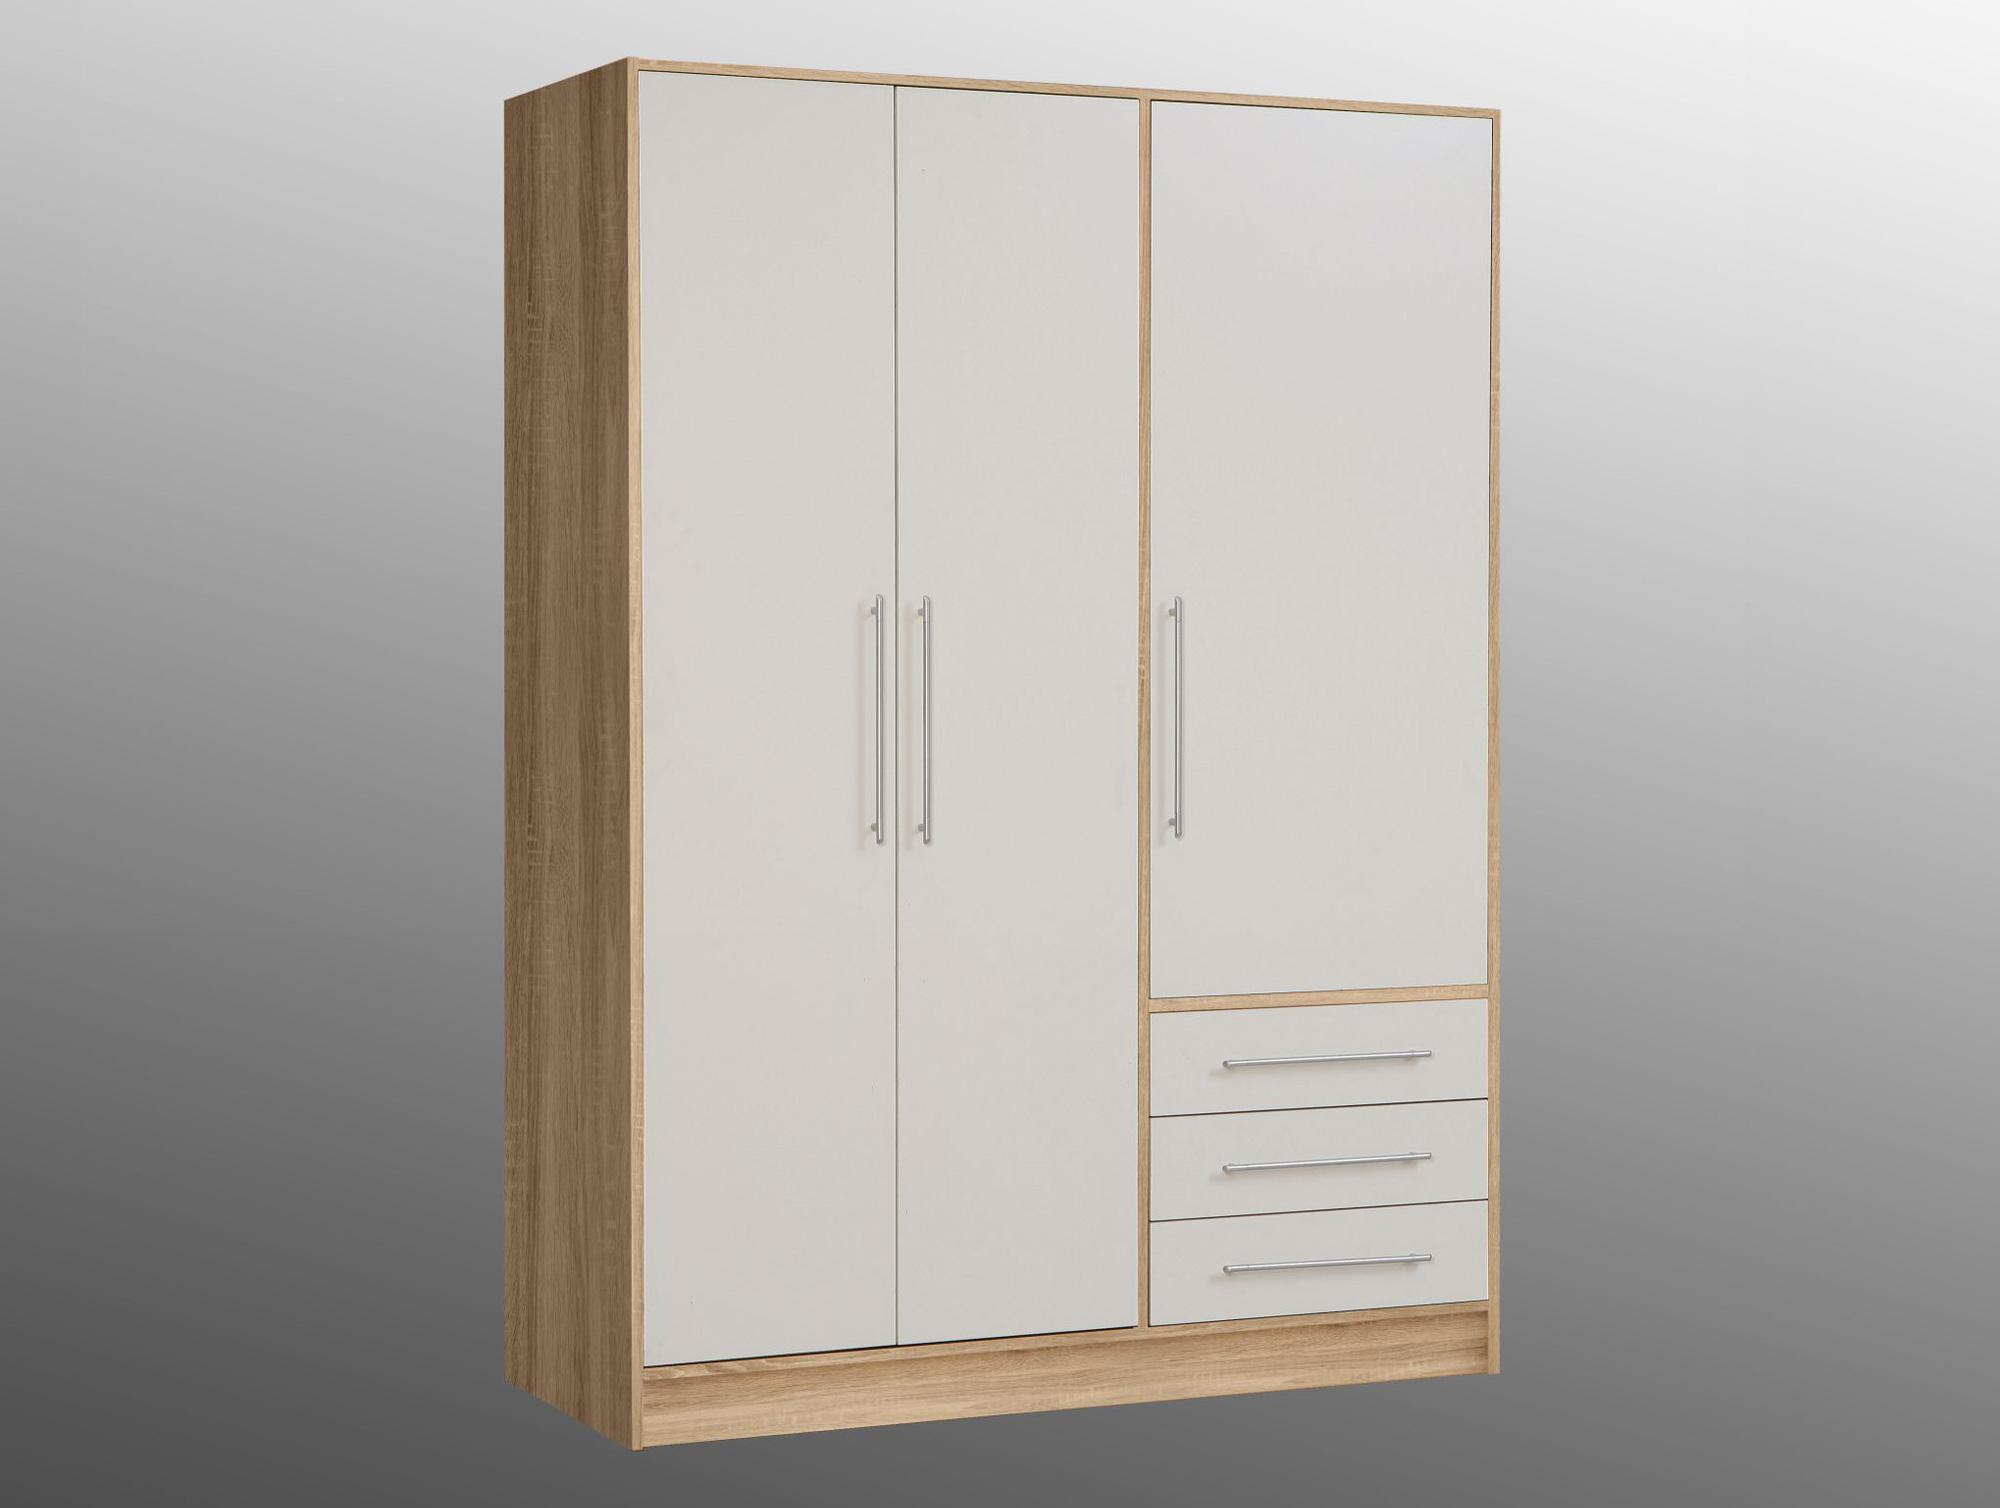 jami kleiderschrank 3 trg 3 sk eiche sonoma weiss. Black Bedroom Furniture Sets. Home Design Ideas